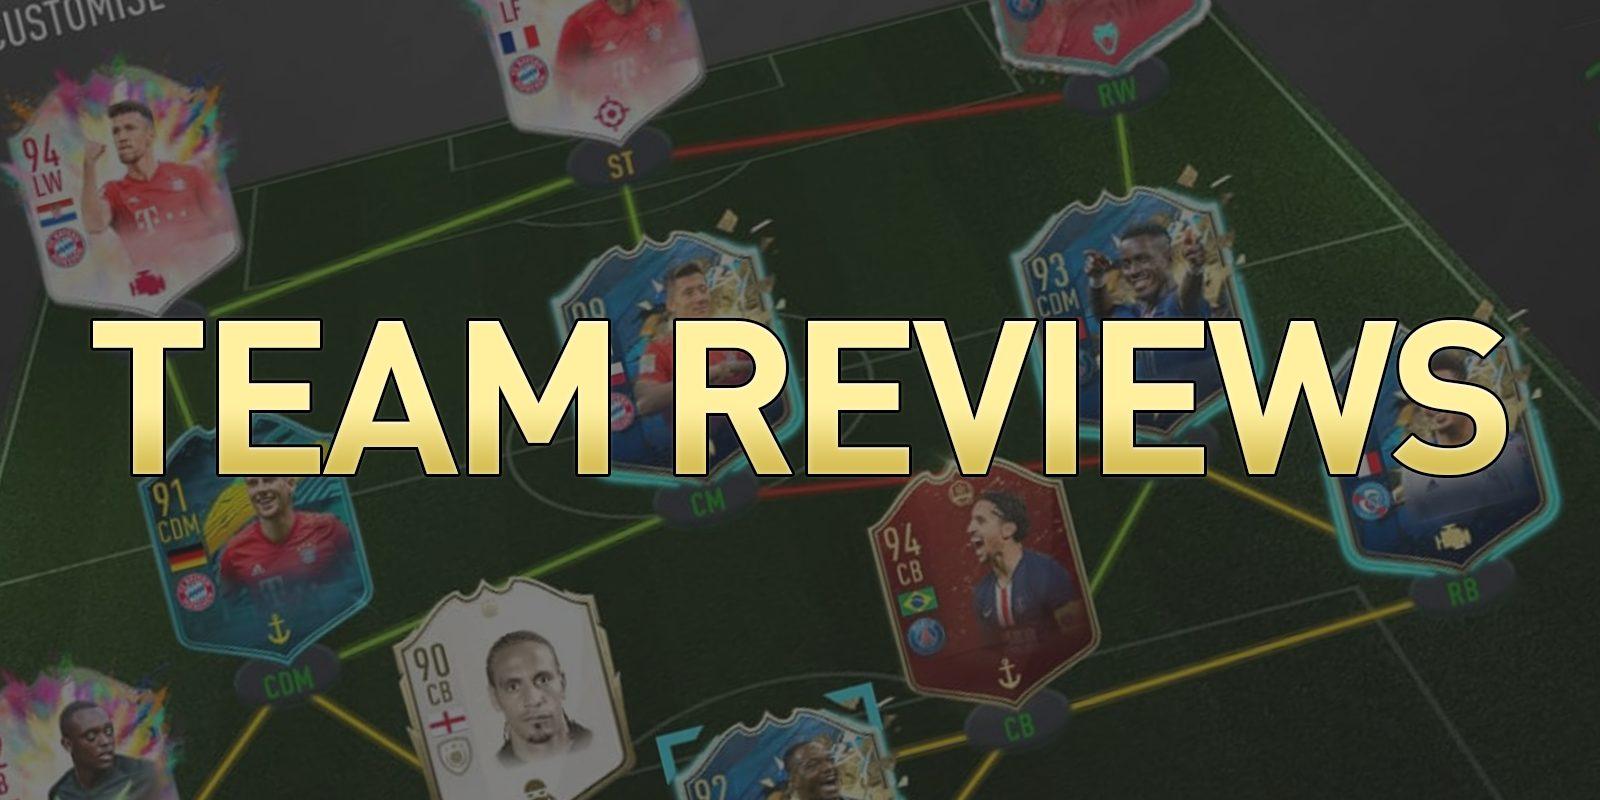 Team Reviews